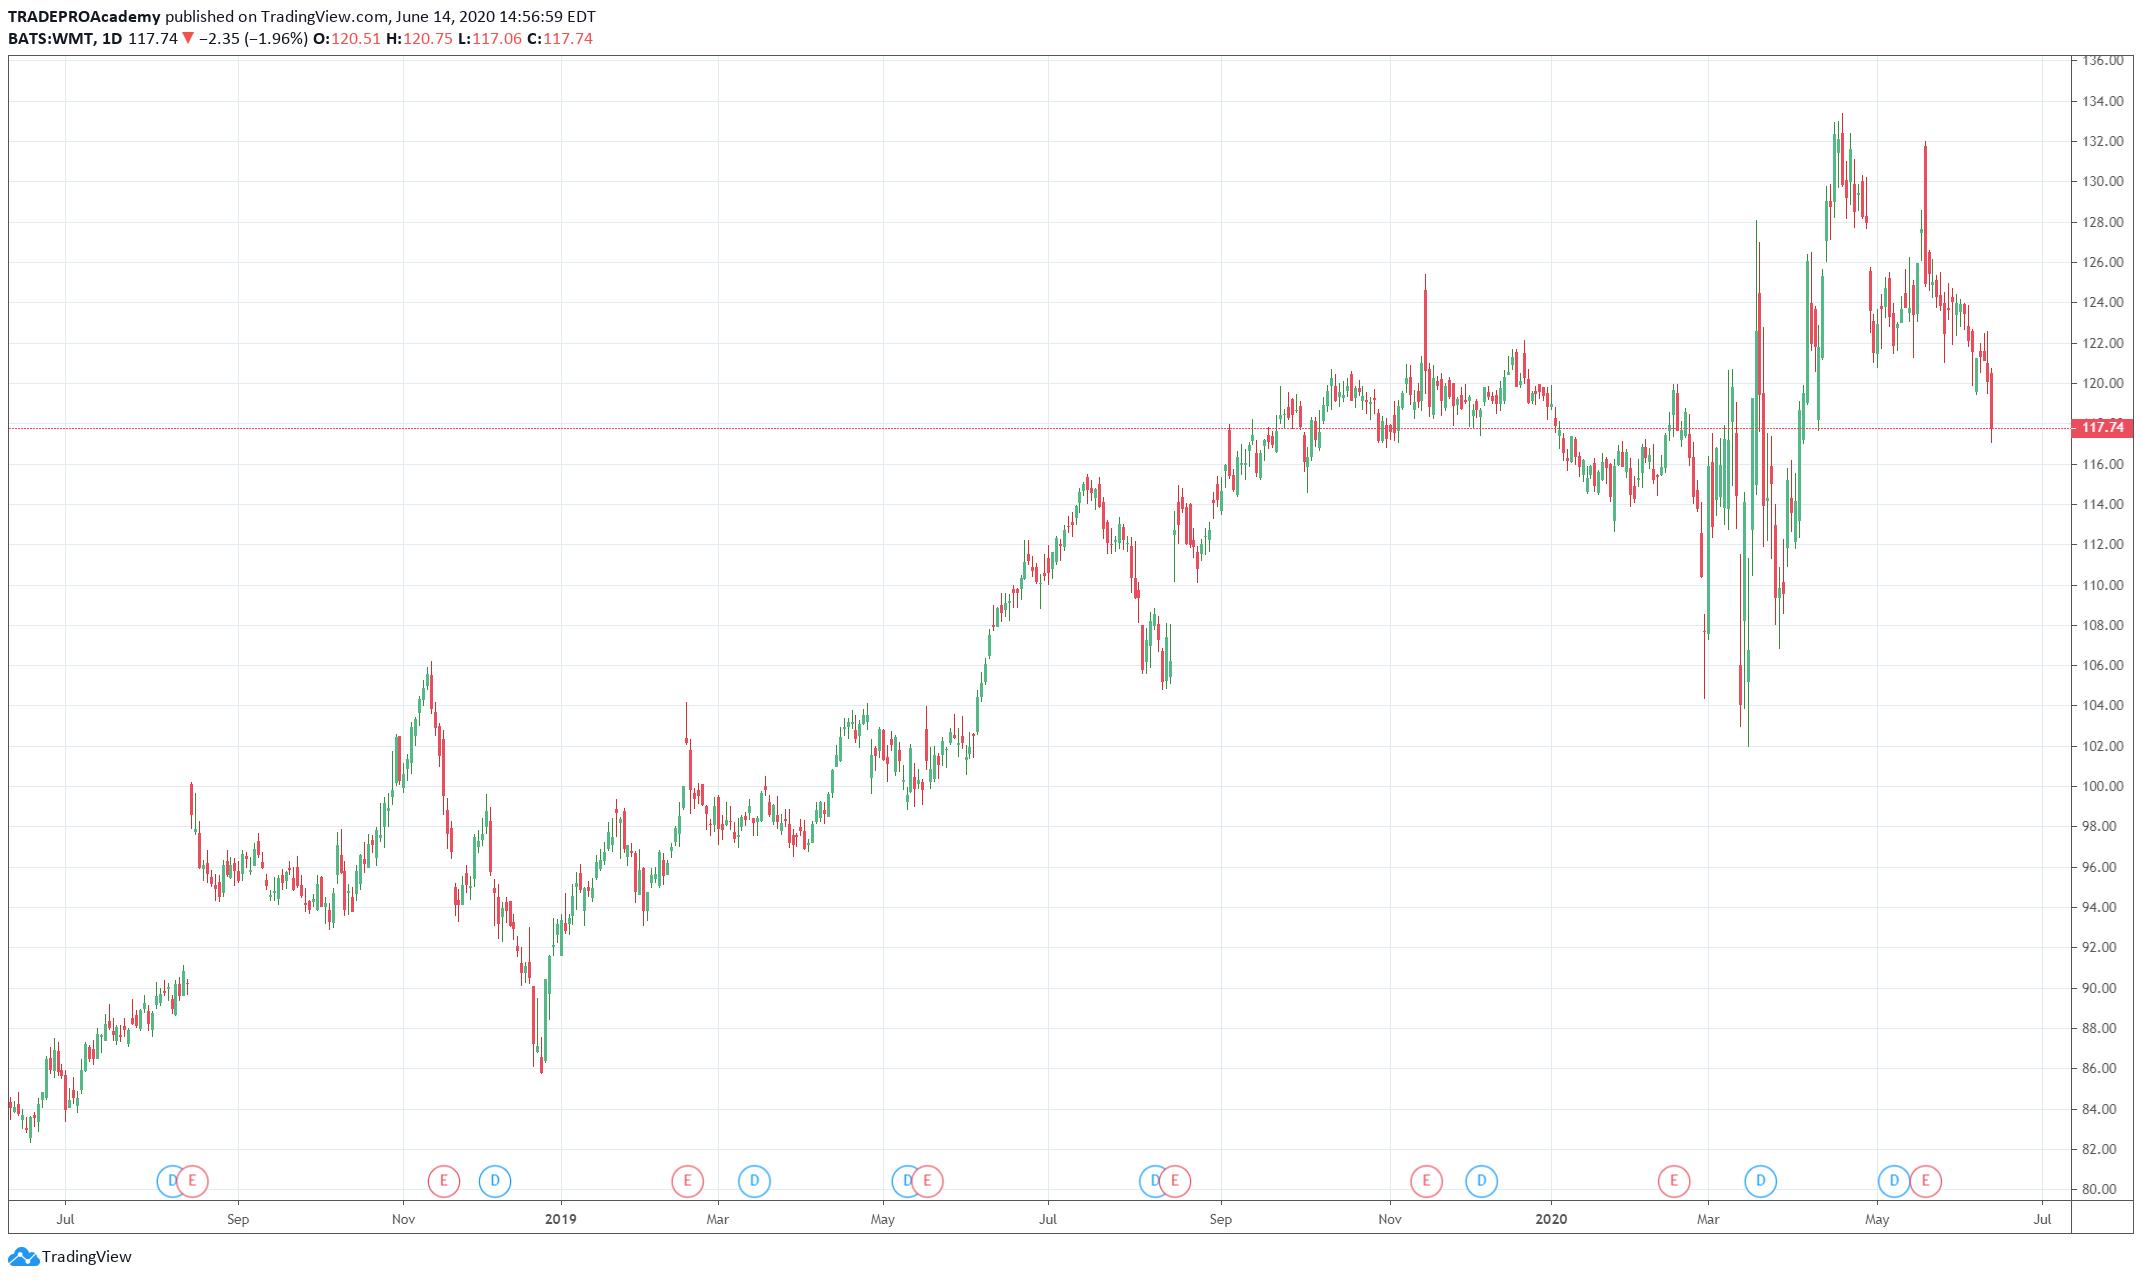 Walmart's Stock Flow Chart